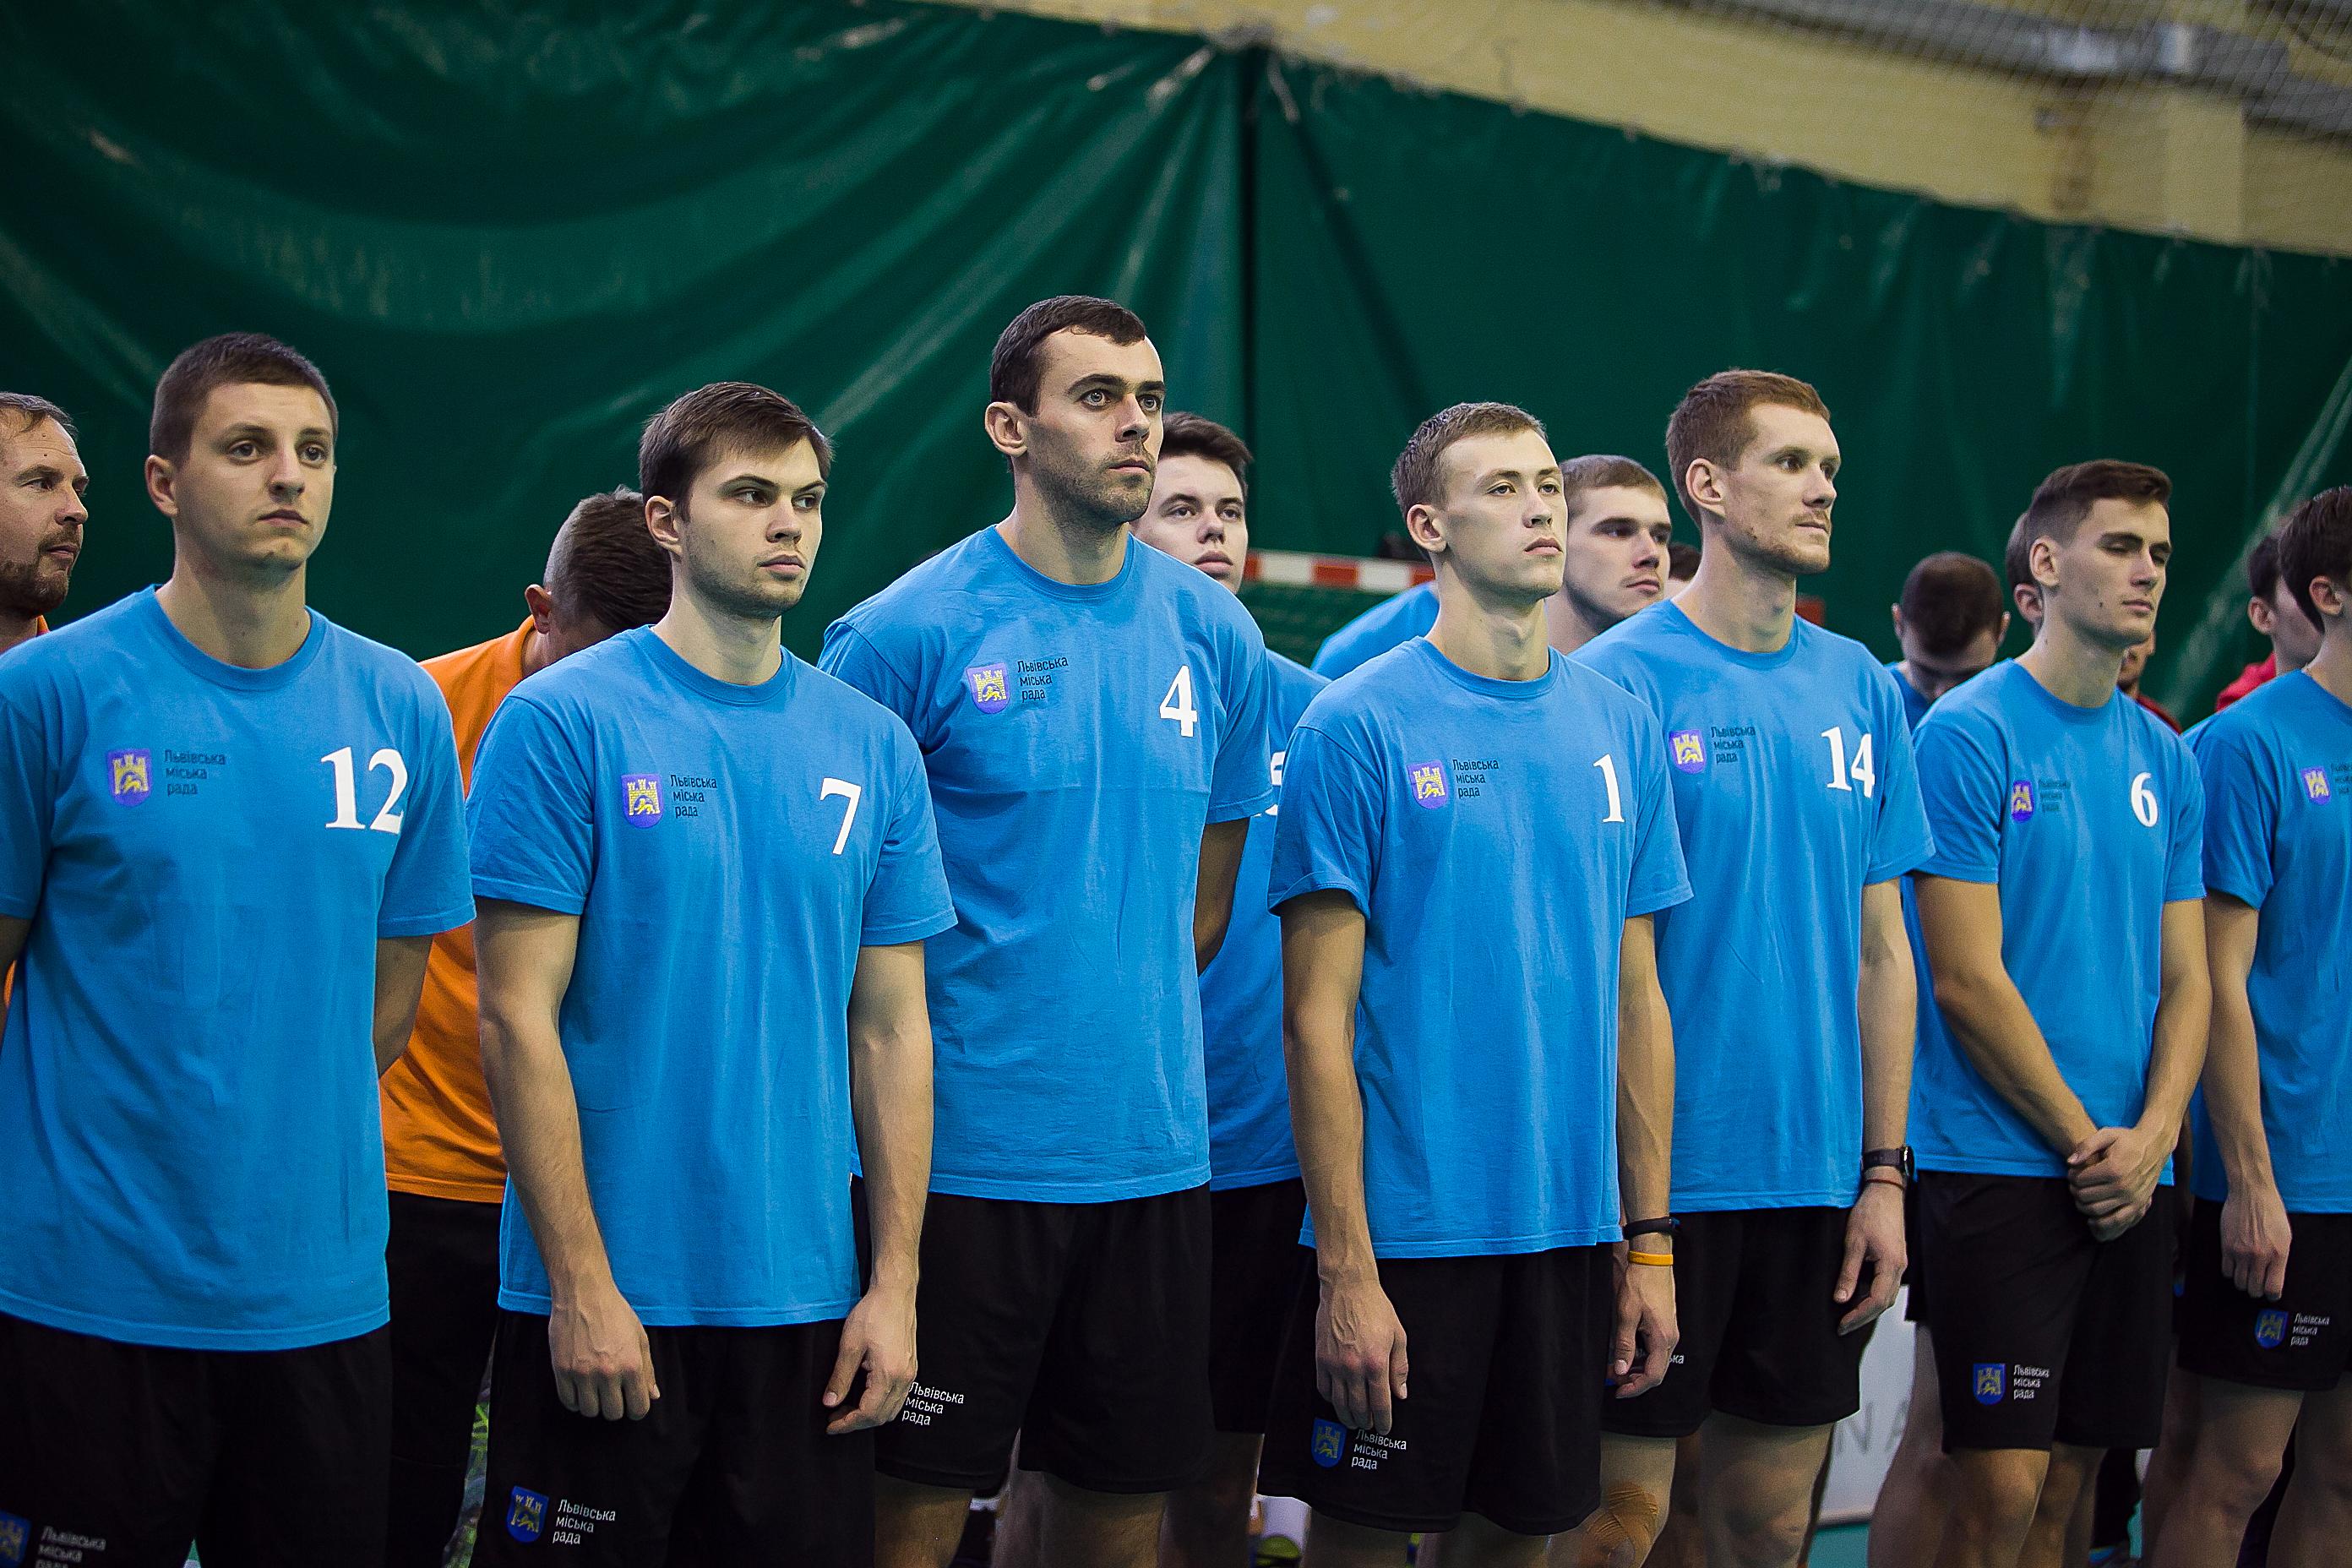 Відкритий Кубок Львова  з волейболу. Відкриття. ФОТОЗВІТ - 9